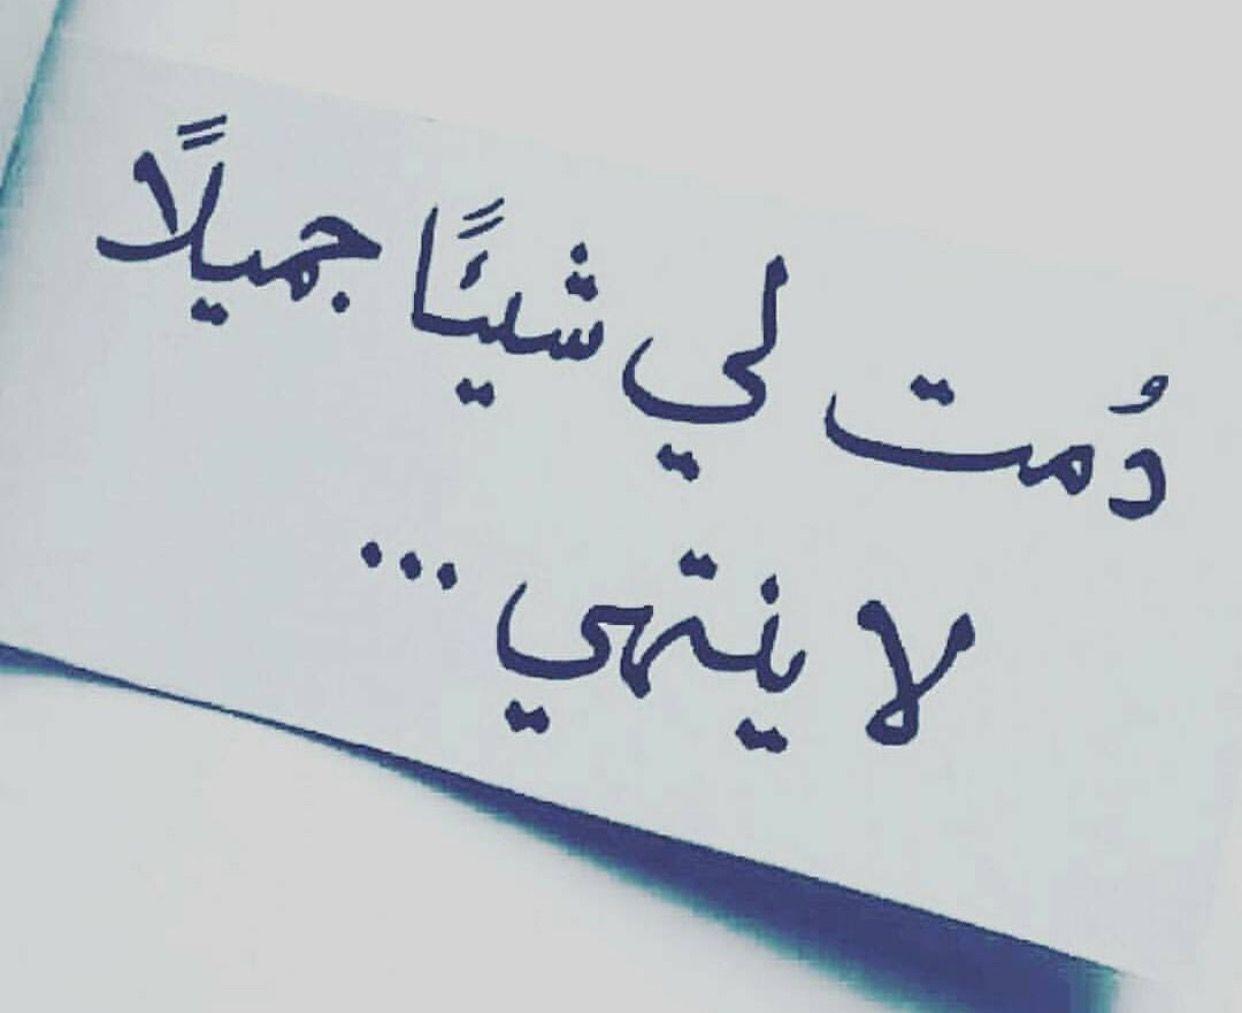 صورة كلمات حلوه للحبيب قصيره , عباره لحبيبى الغالى على قلبى